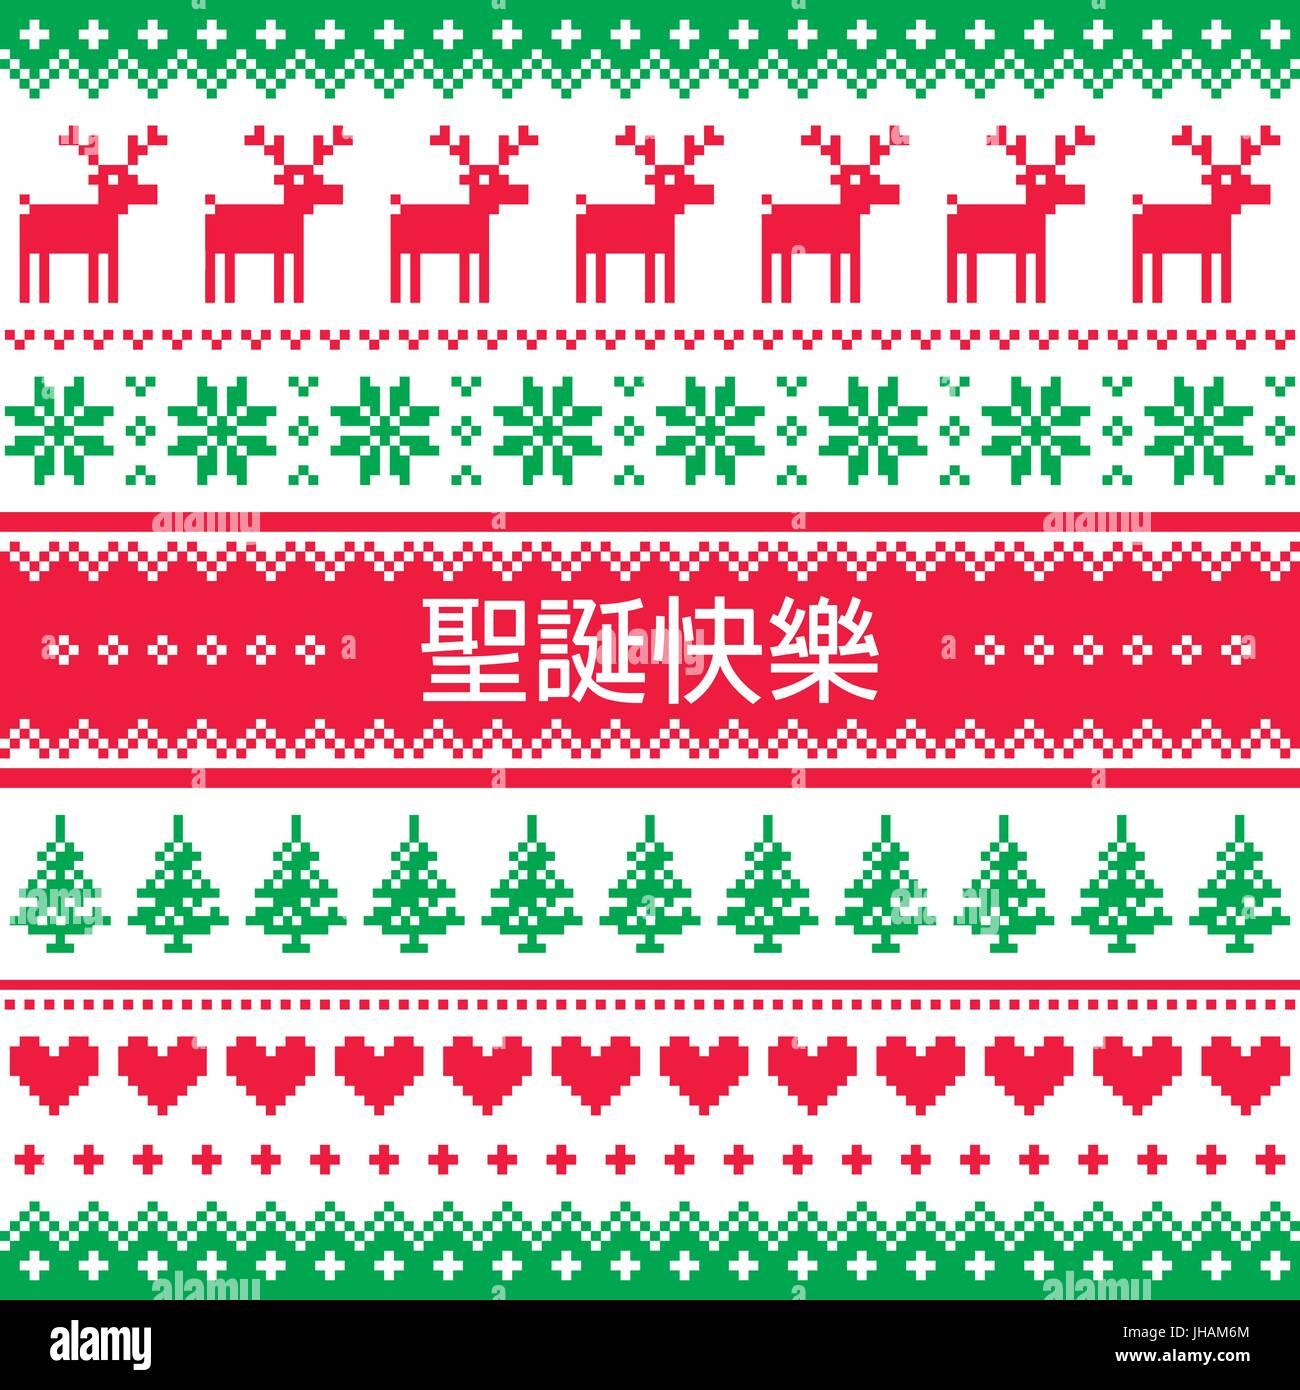 Auguri Di Buon Natale In Cinese.Buon Natale In Cinese Cantonese Modello Di Biglietto Di Auguri